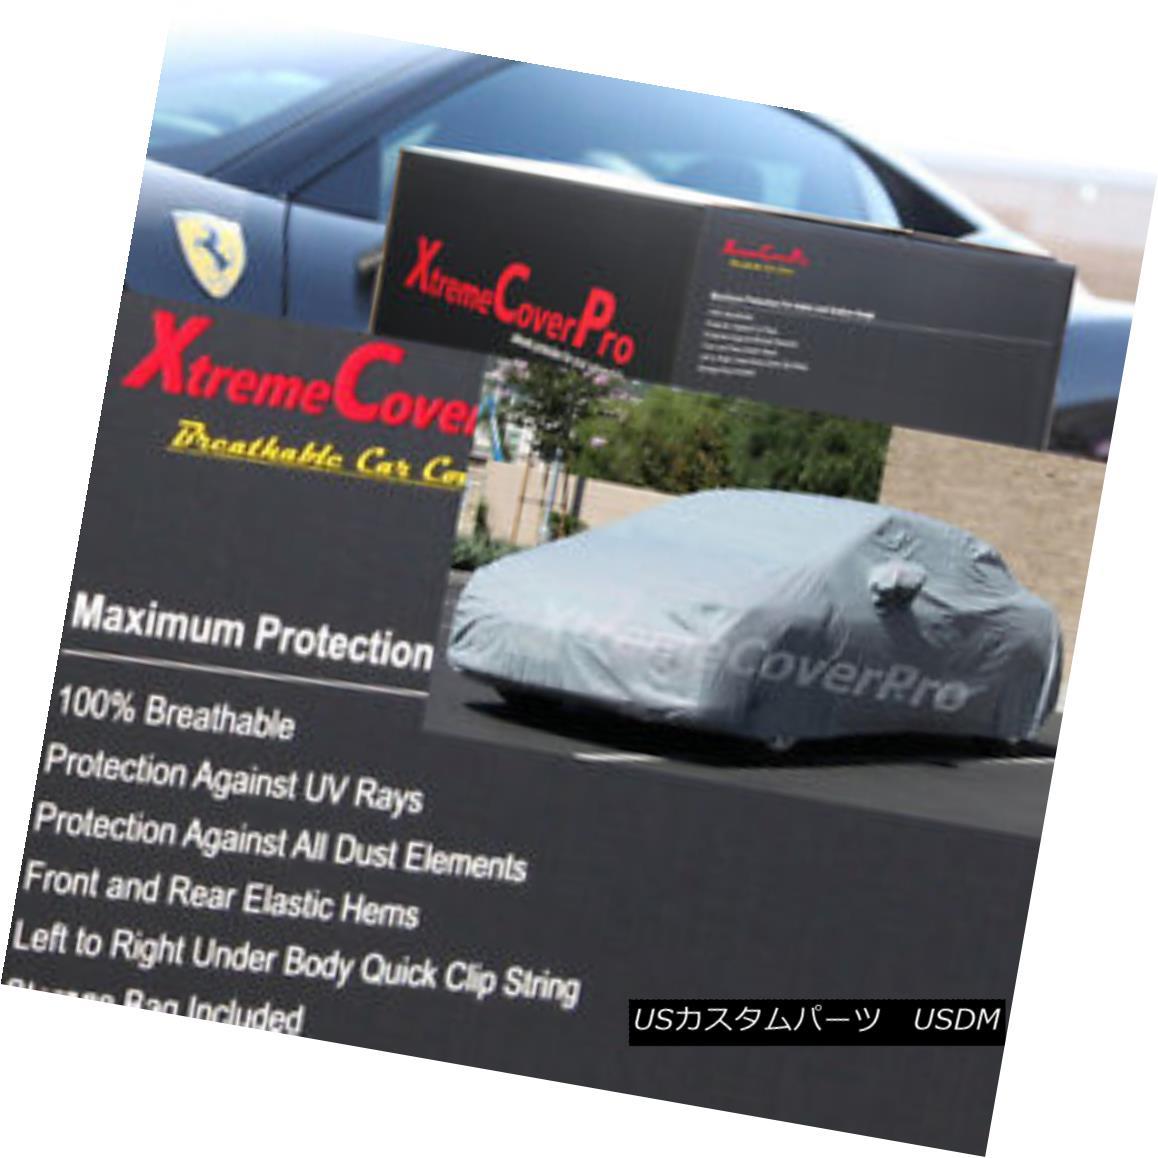 カーカバー 1988 1989 1990 1991 Lincoln Continental Breathable Car Cover w/MirrorPocket 1988年1989 1990年1991年リンカーンコンチネンタル通気性車カバー付き/ MirrorPocket